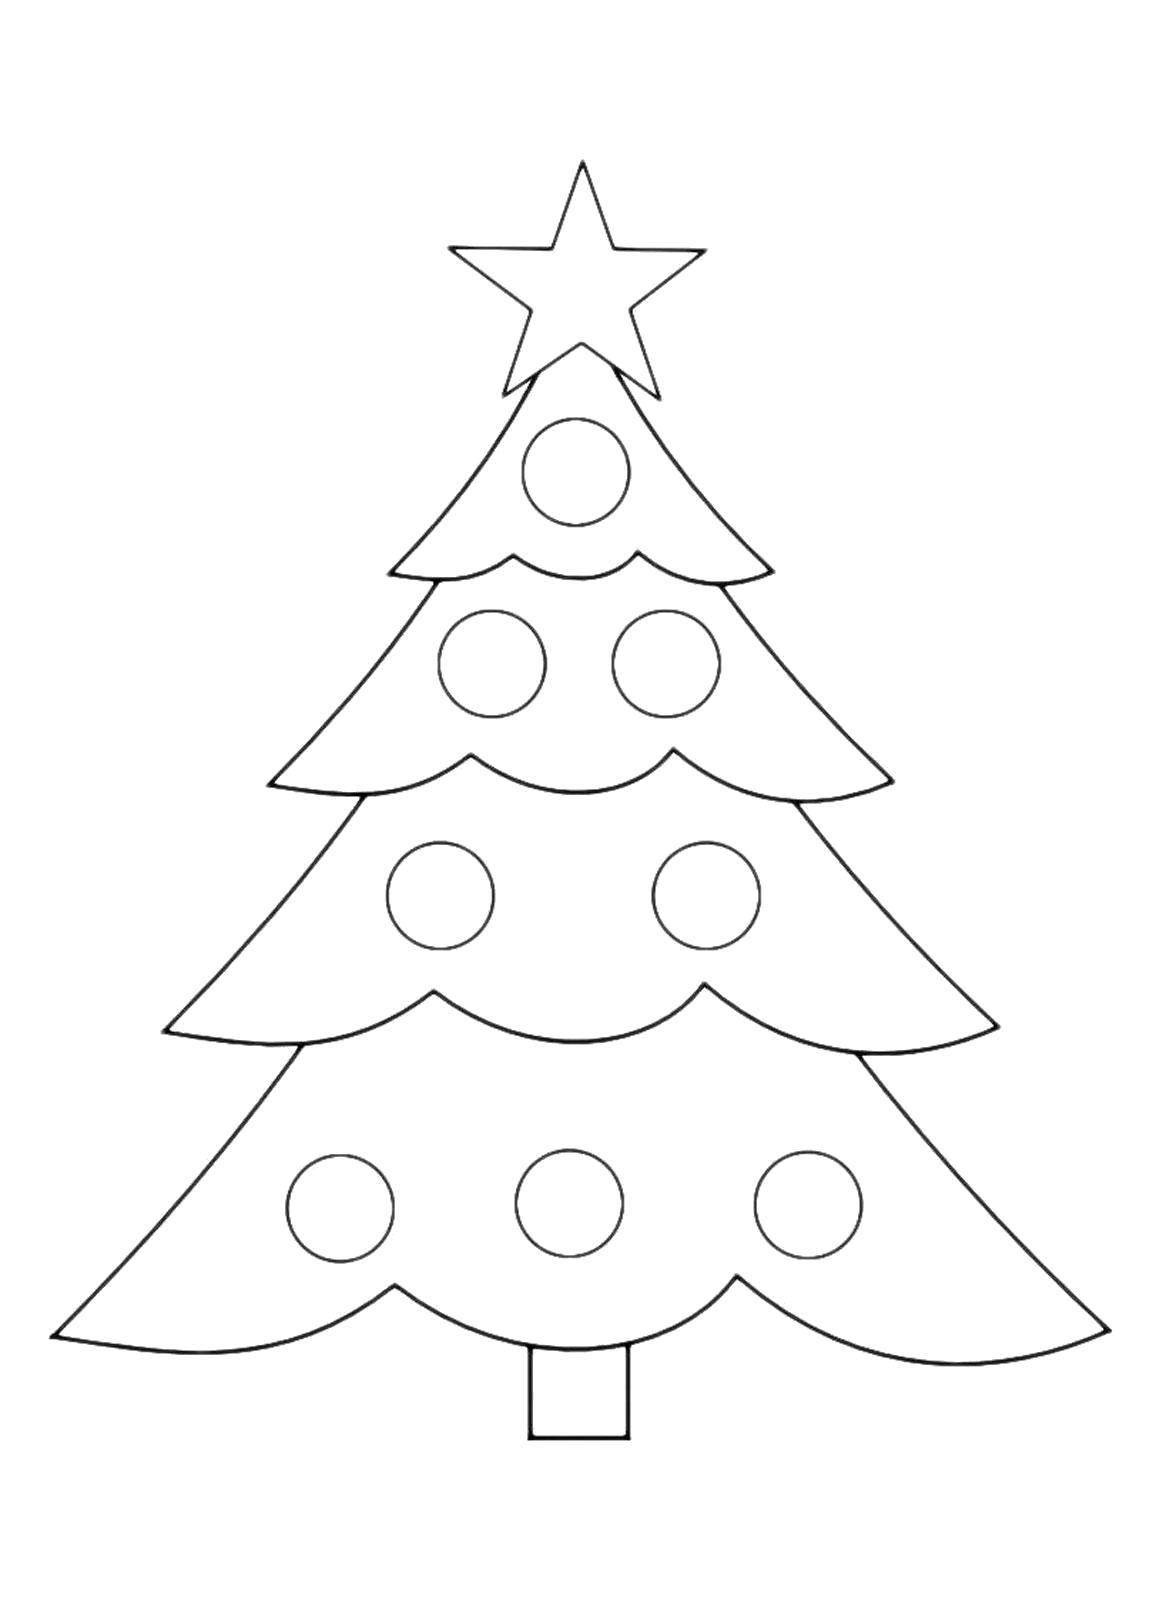 Раскраска Ёлка с игрушками Скачать Новый Год, ёлка, подарки, игрушки.  Распечатать ,простые раскраски,